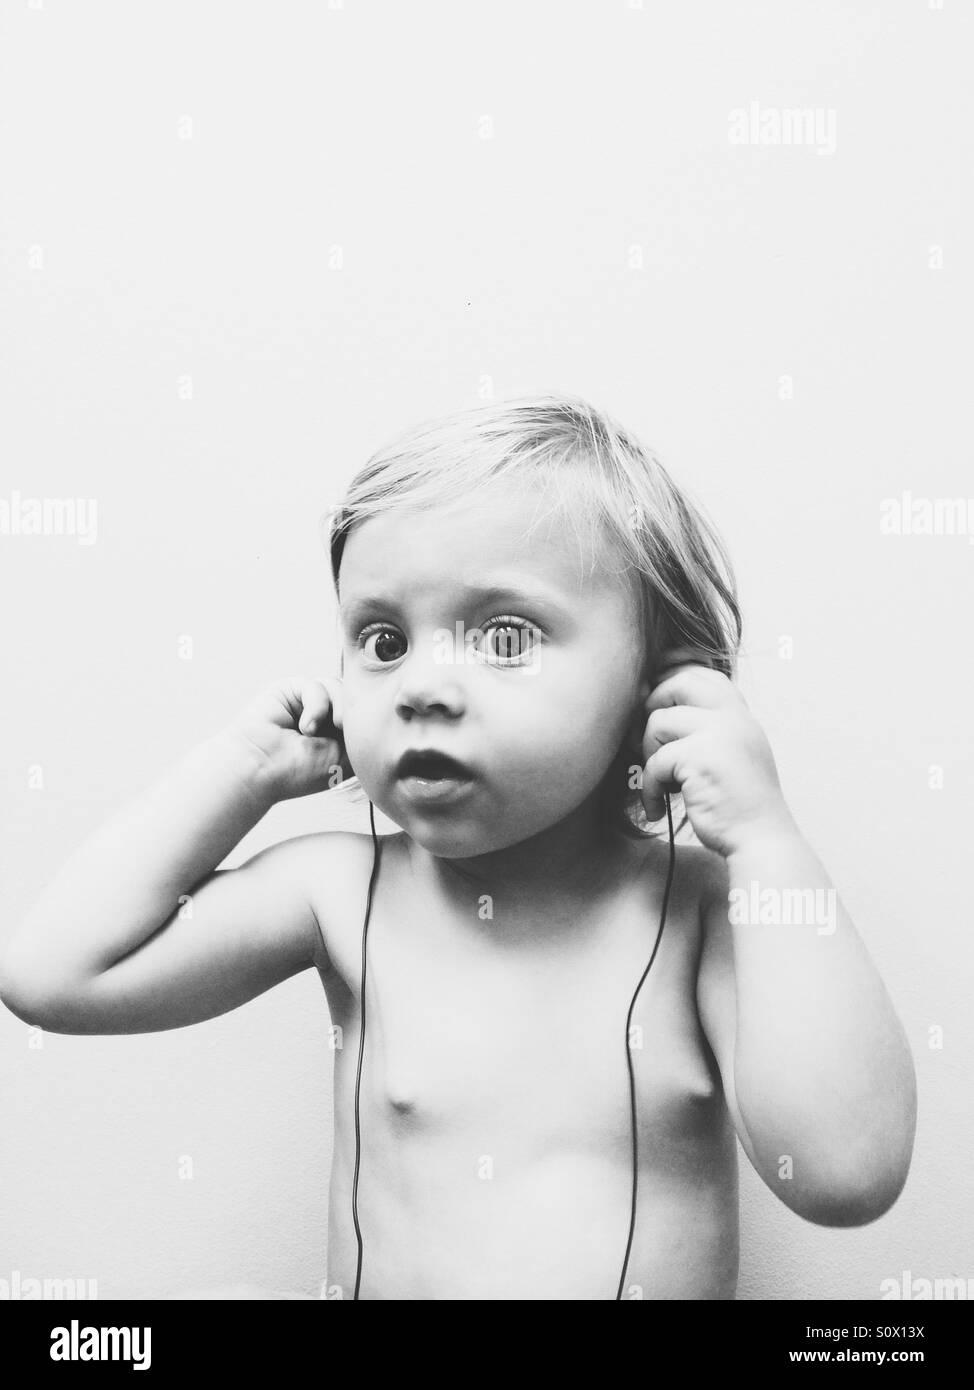 Baby Girl écouter de la musique. Photo Stock